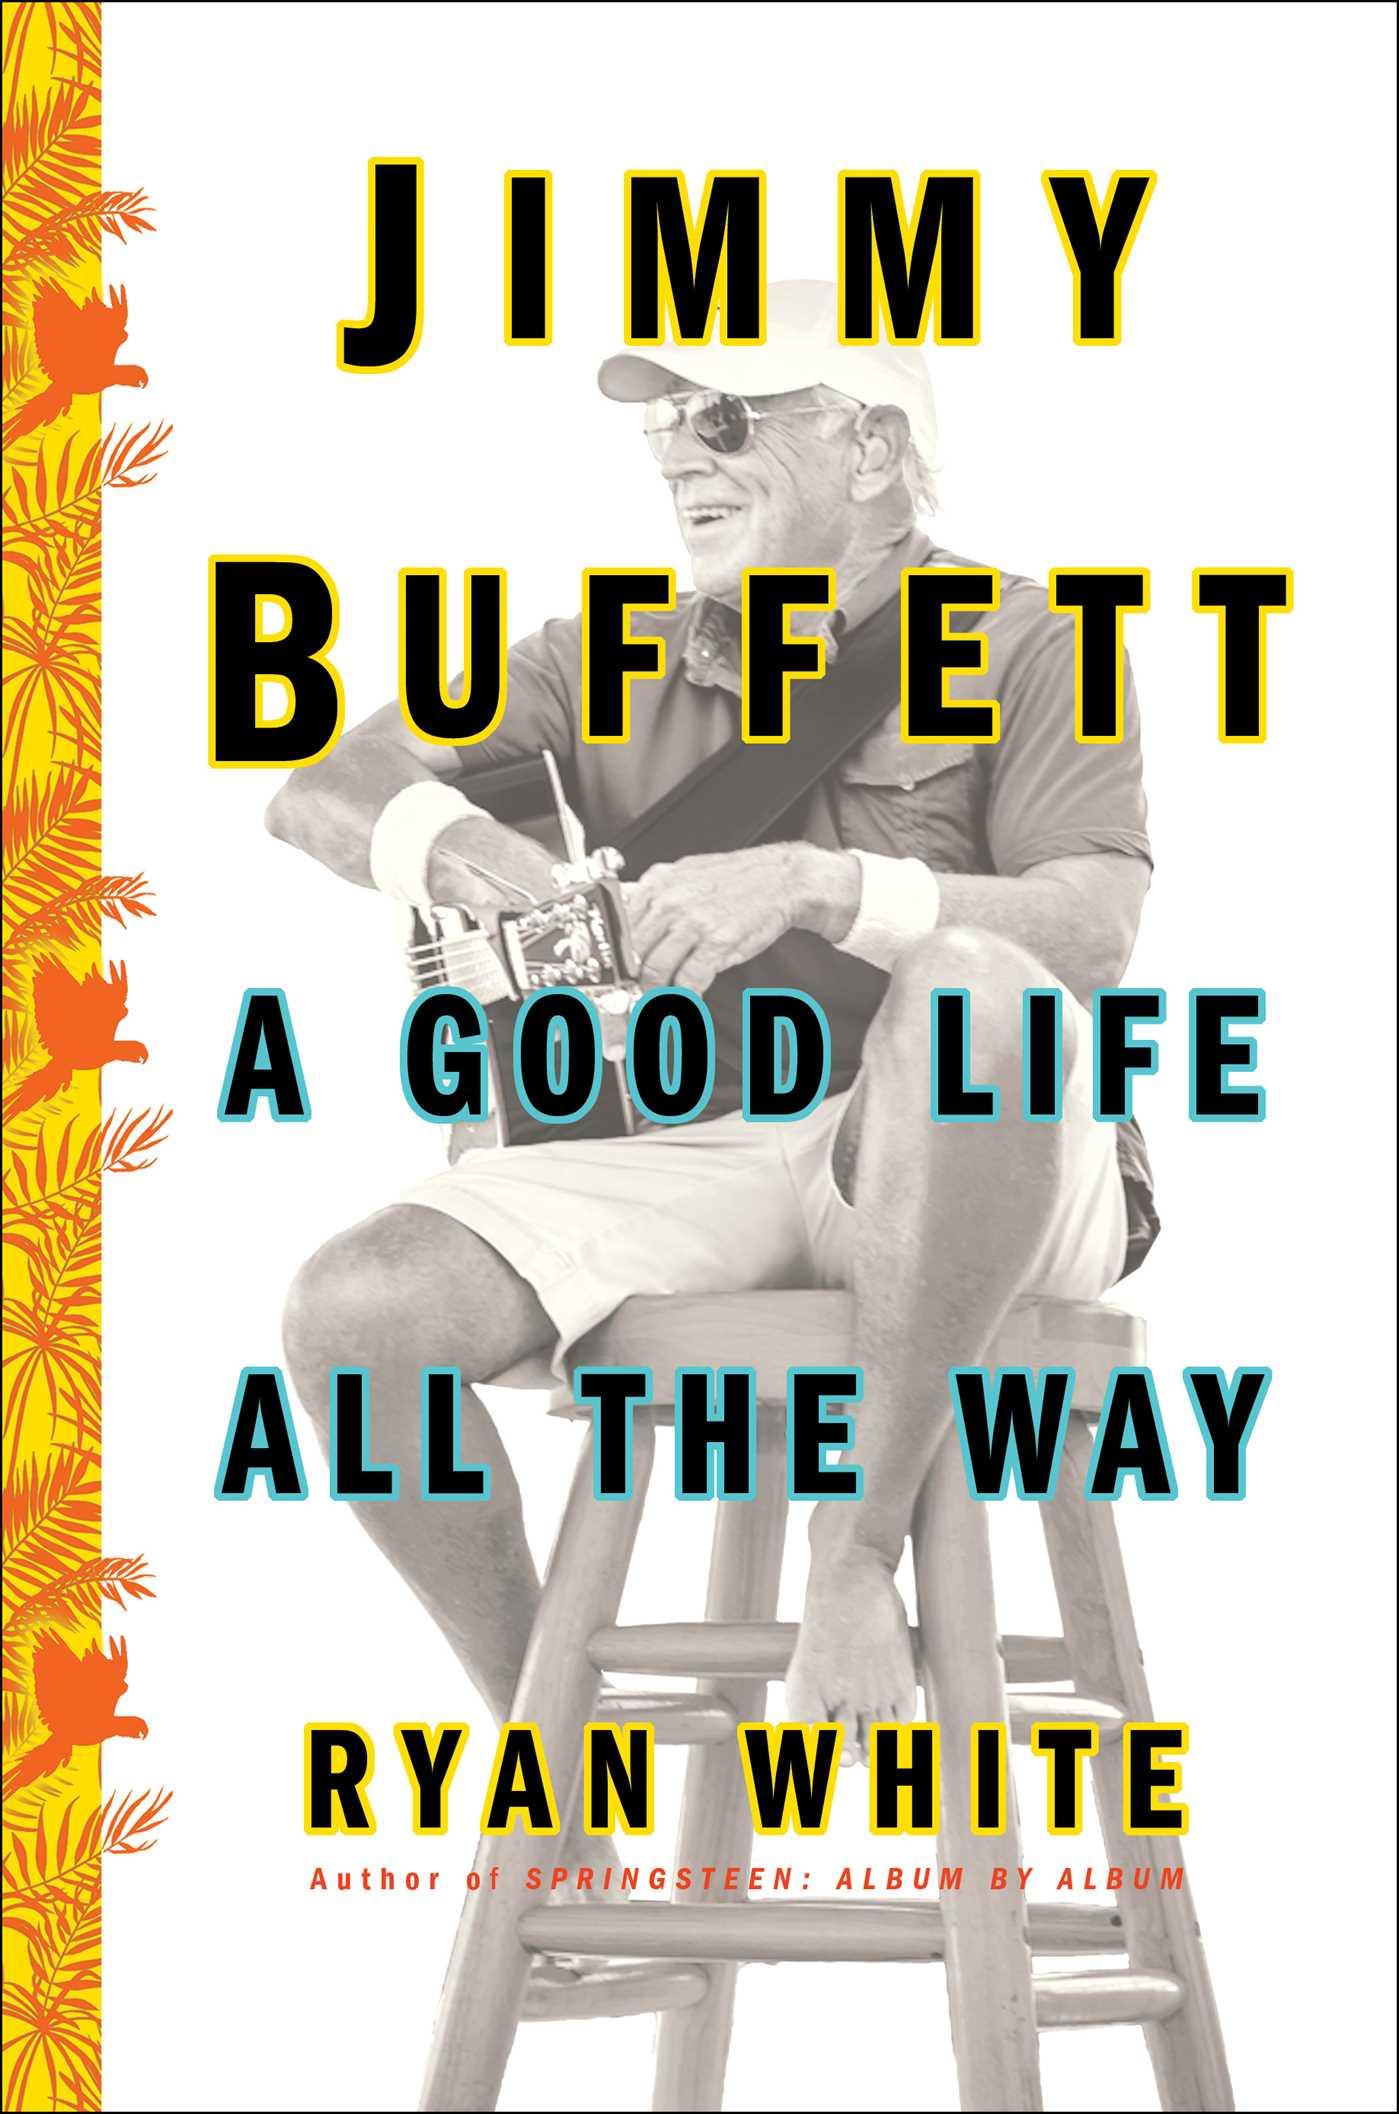 Jimmy buffett 9781501132551 hr